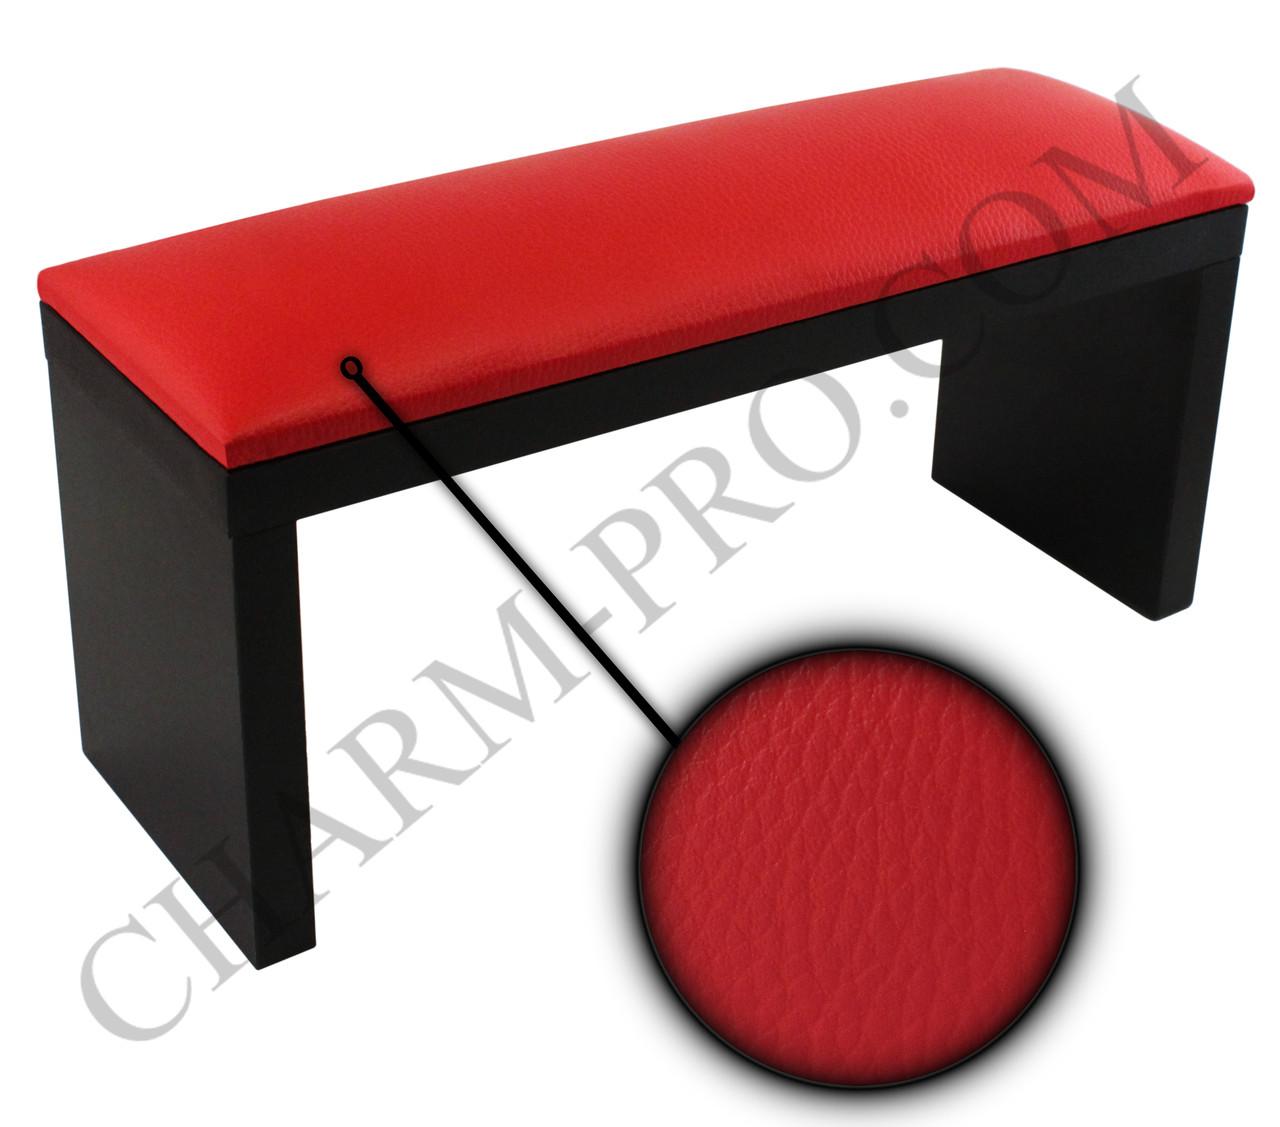 Манікюрна підставка для рук (Підлокітник) Чорно-червоного кольору